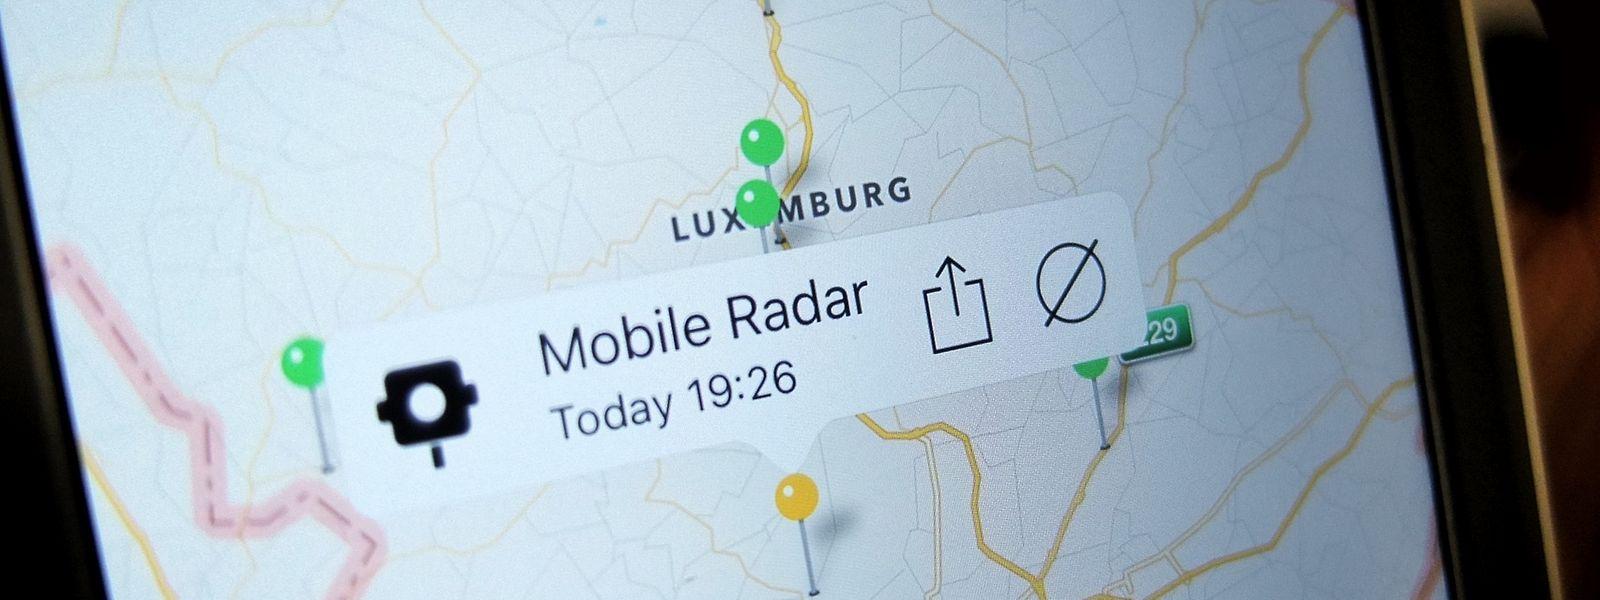 Die Apps für Smartphones warnen auf Knopfdruck andere Fahrer vor mobilen Radarfallen.